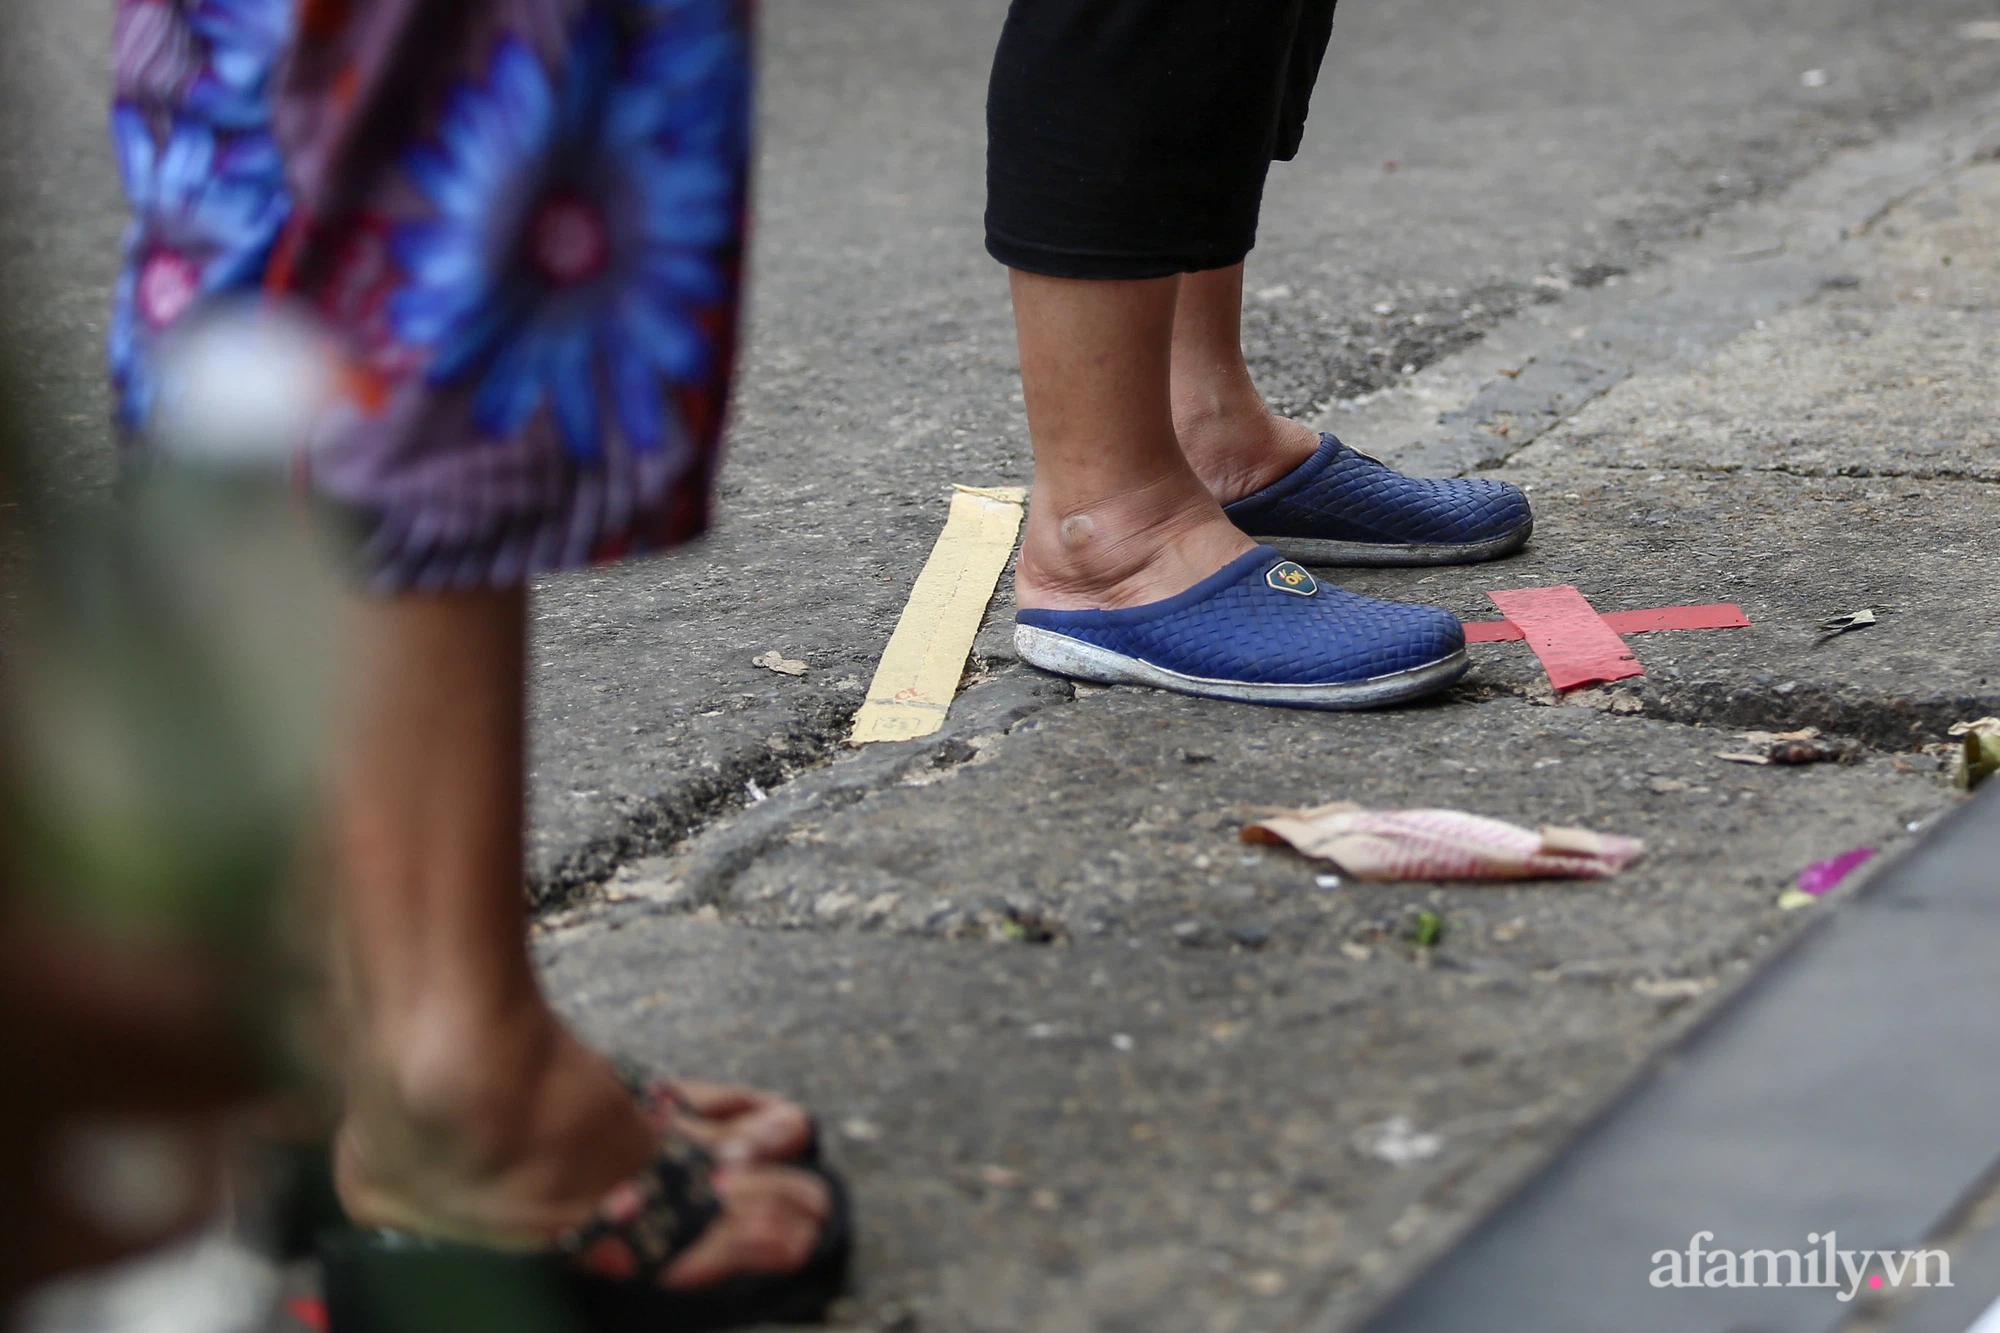 Ngày đầu giãn cách theo Chỉ thị 16, khu chợ ở Hà Nội kẻ vạch cách nhau 2 m, người mua kẻ bán tuy xa mặt nhưng không cách lòng - Ảnh 10.